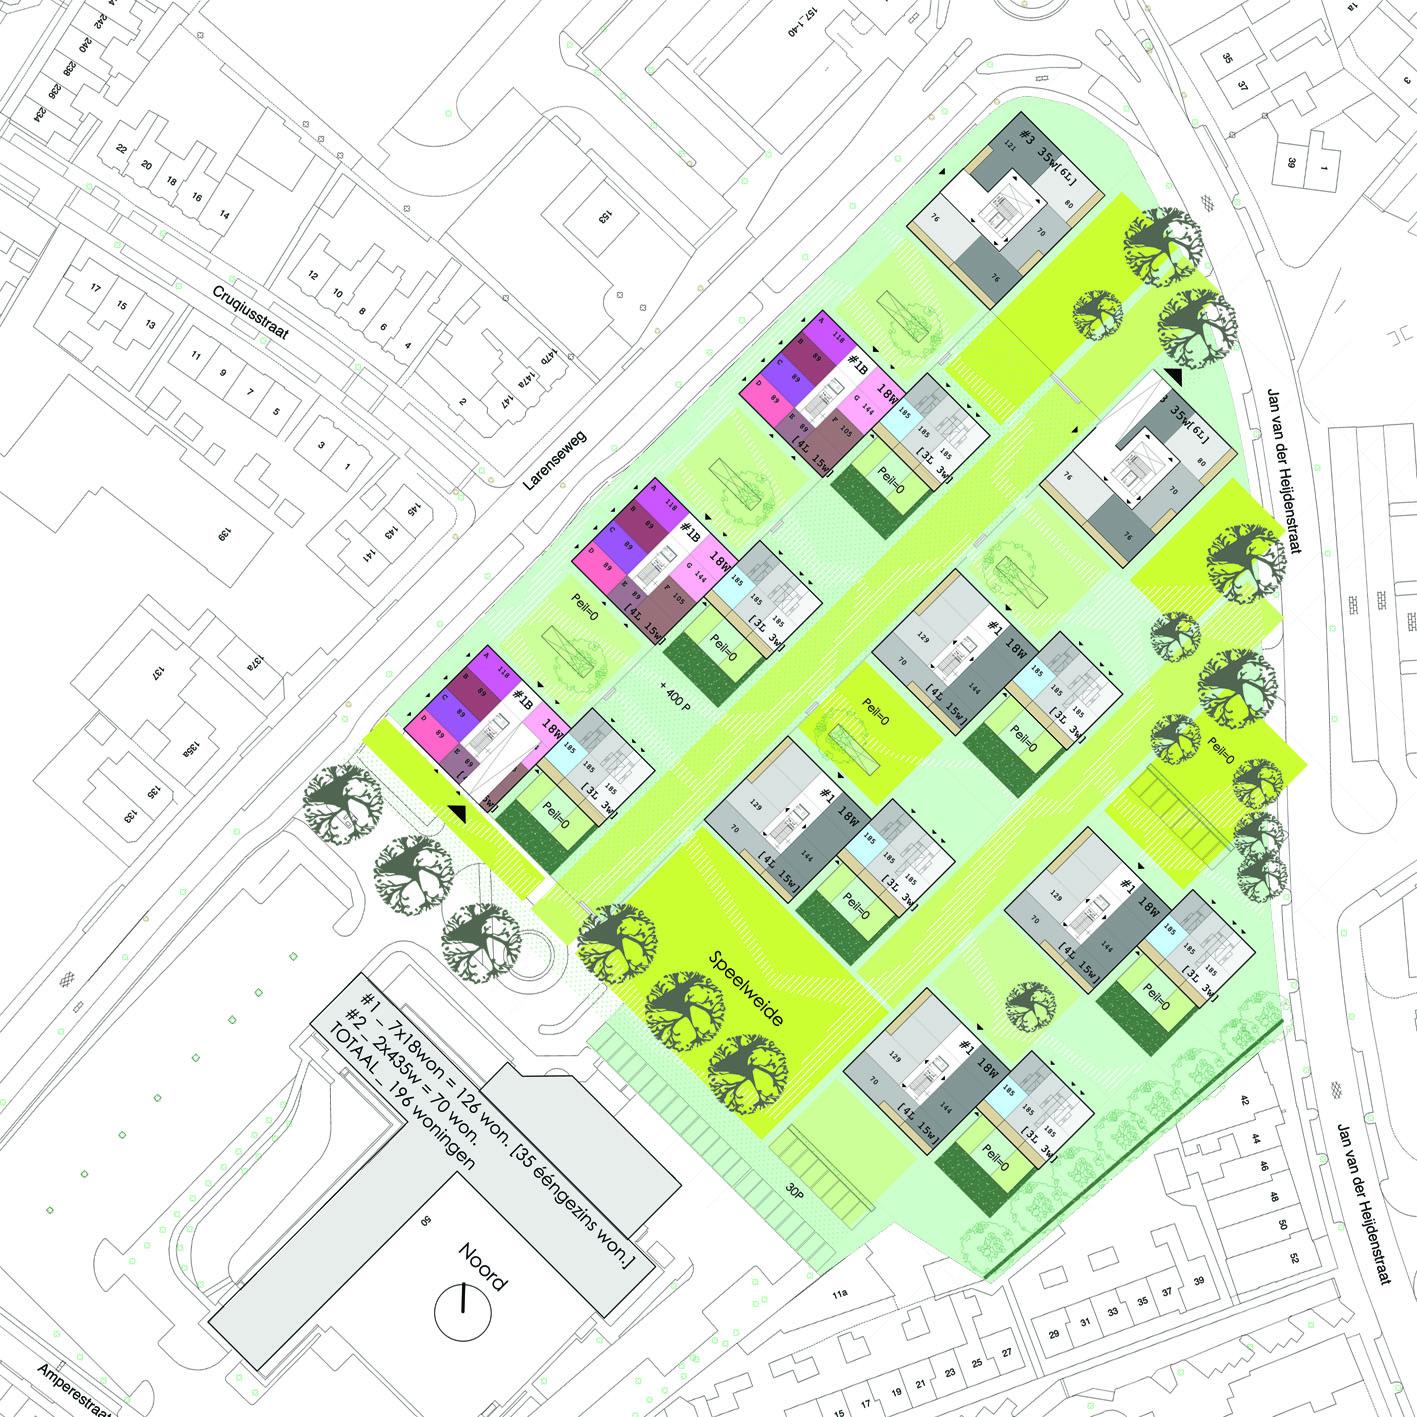 Lucent terrein Ripolin Hilversum stedenbouwkundig plan Alliantie Atelier PUUUR